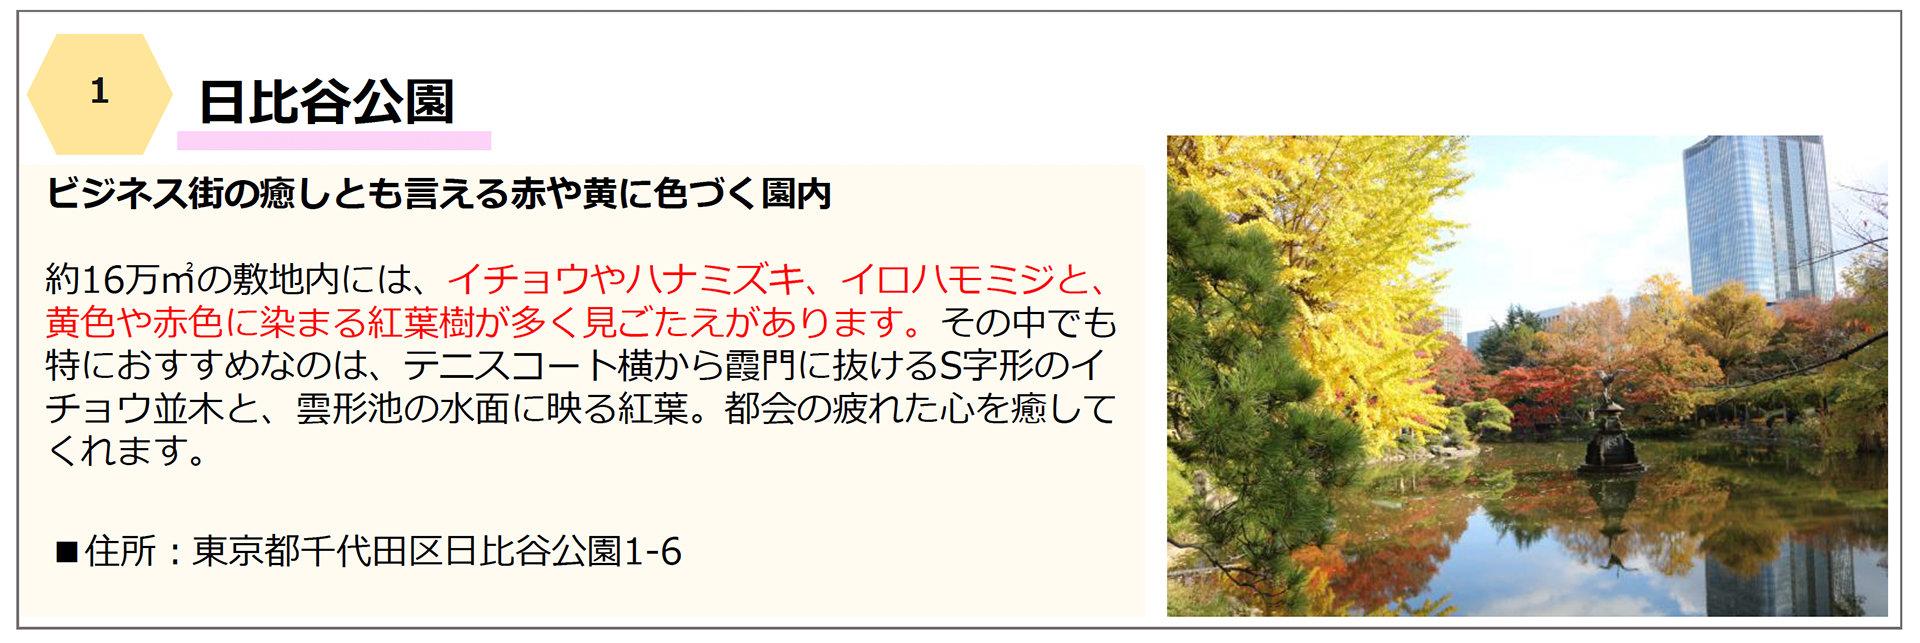 千代田区の「紅葉名所」6選